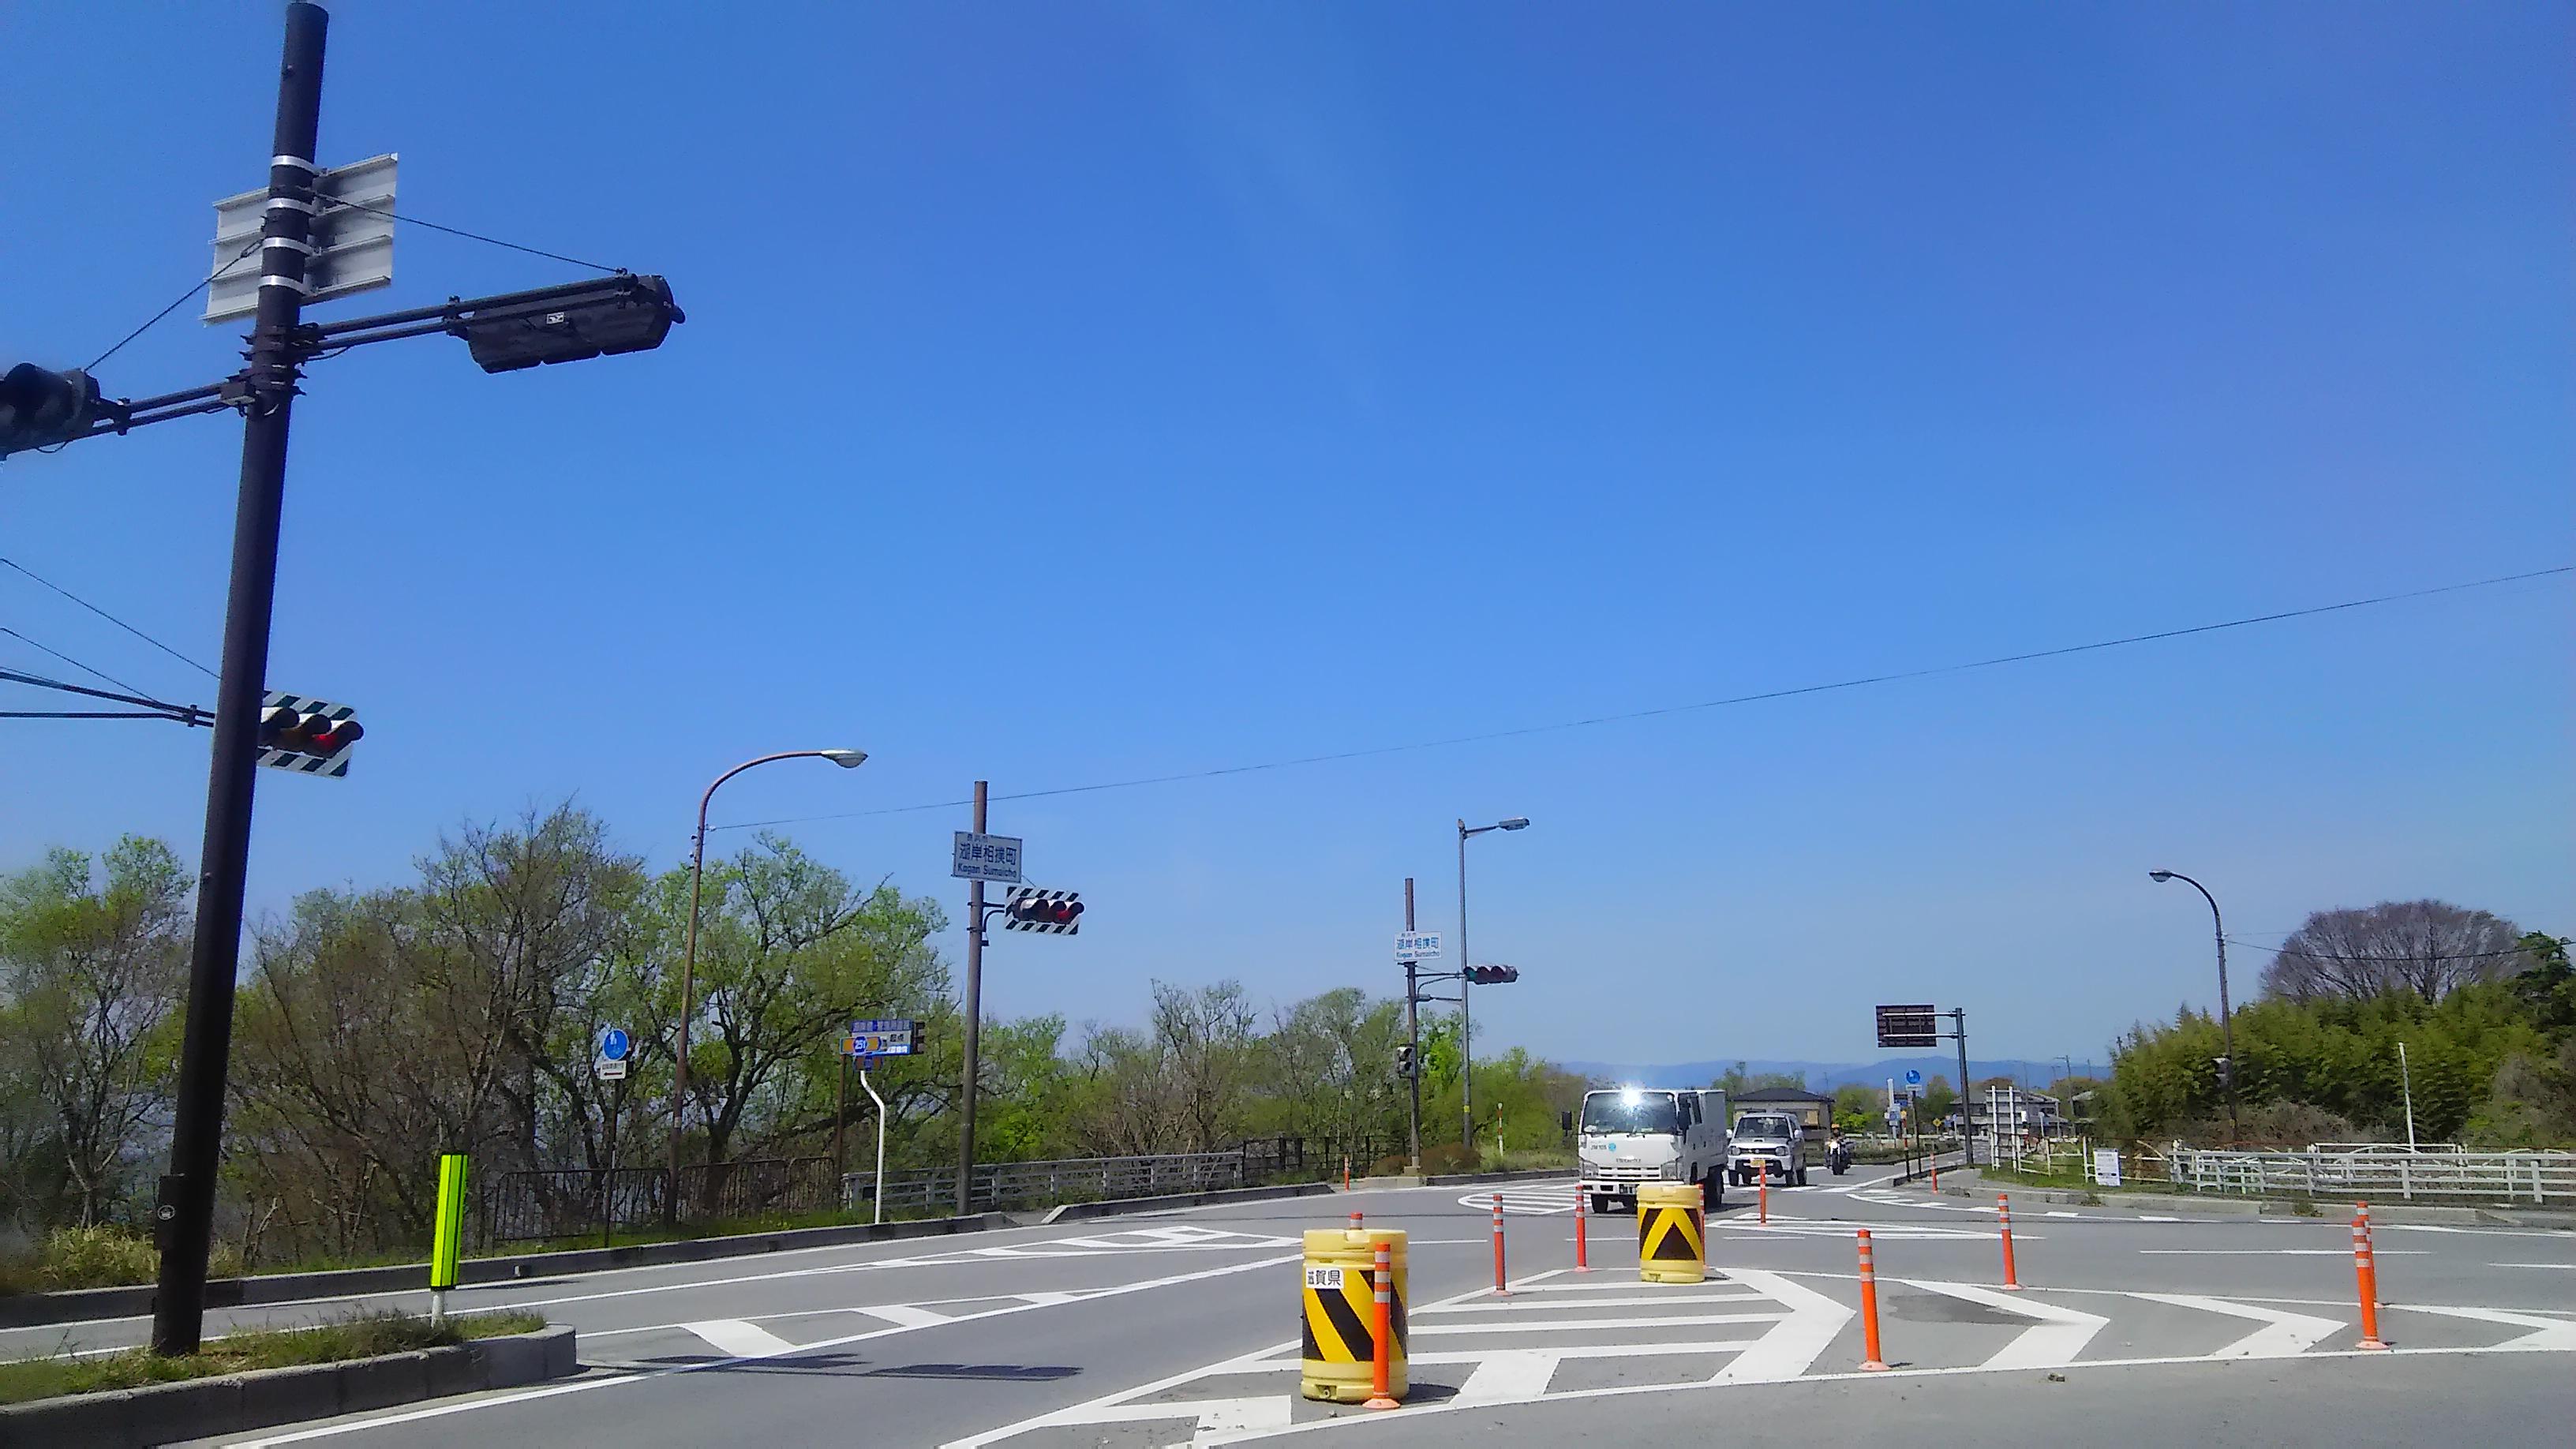 湖岸道路からは「湖岸相撲町」の交差点を伊吹山側(東)へ